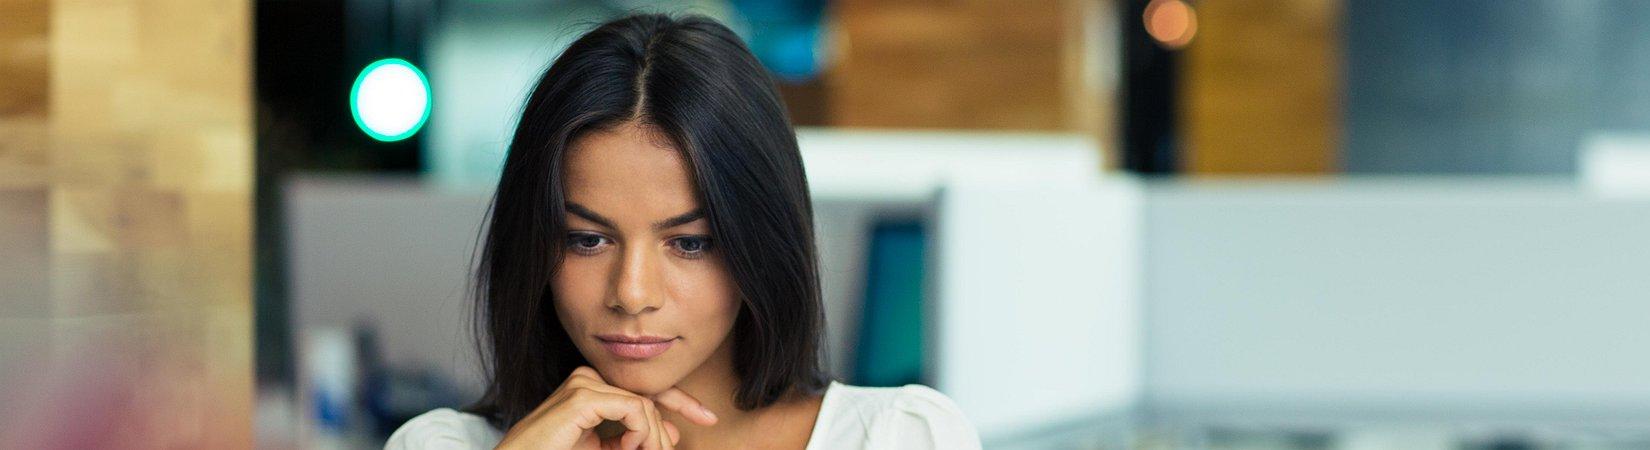 VÍDEO: 5 dicas para aumentar a motivação para trabalhar à segunda-feira